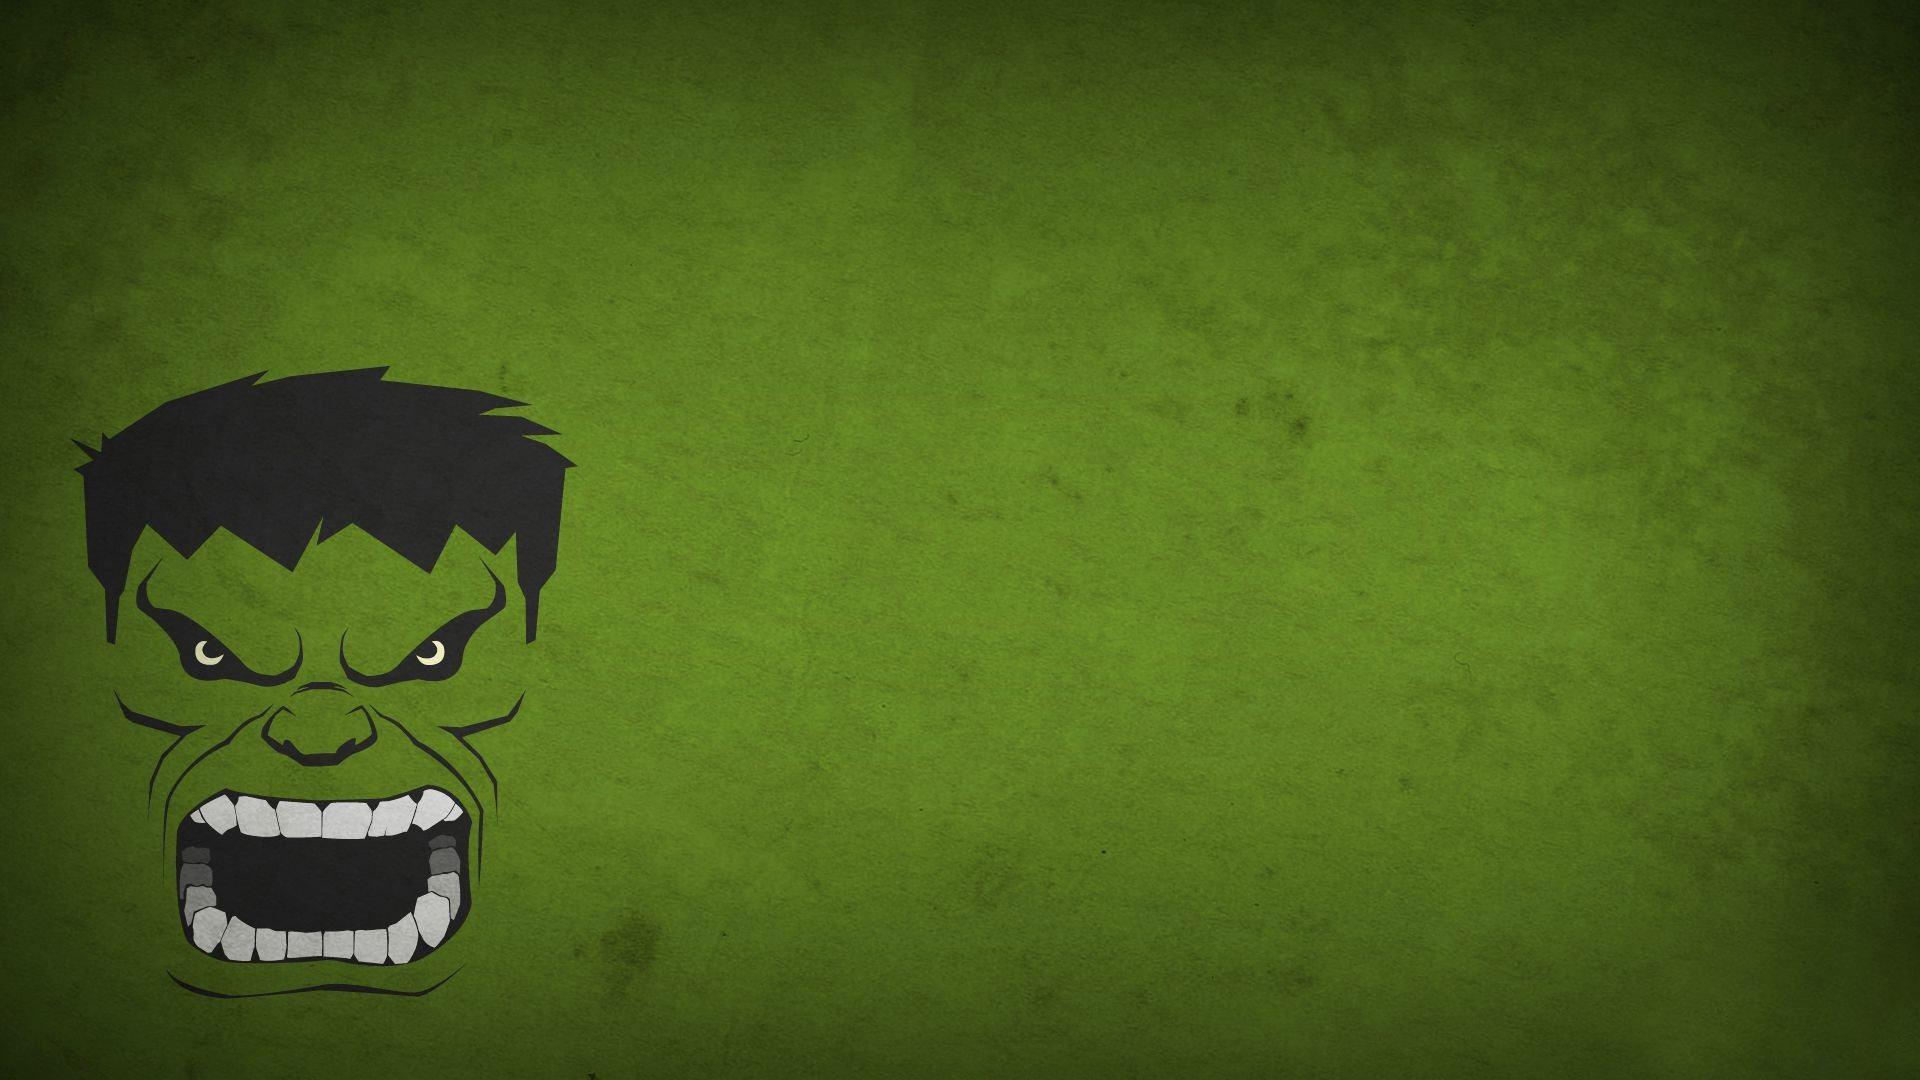 Superhero Hd Wallpapers Iphone 40 Incredible Hulk Wallpaper For Desktop